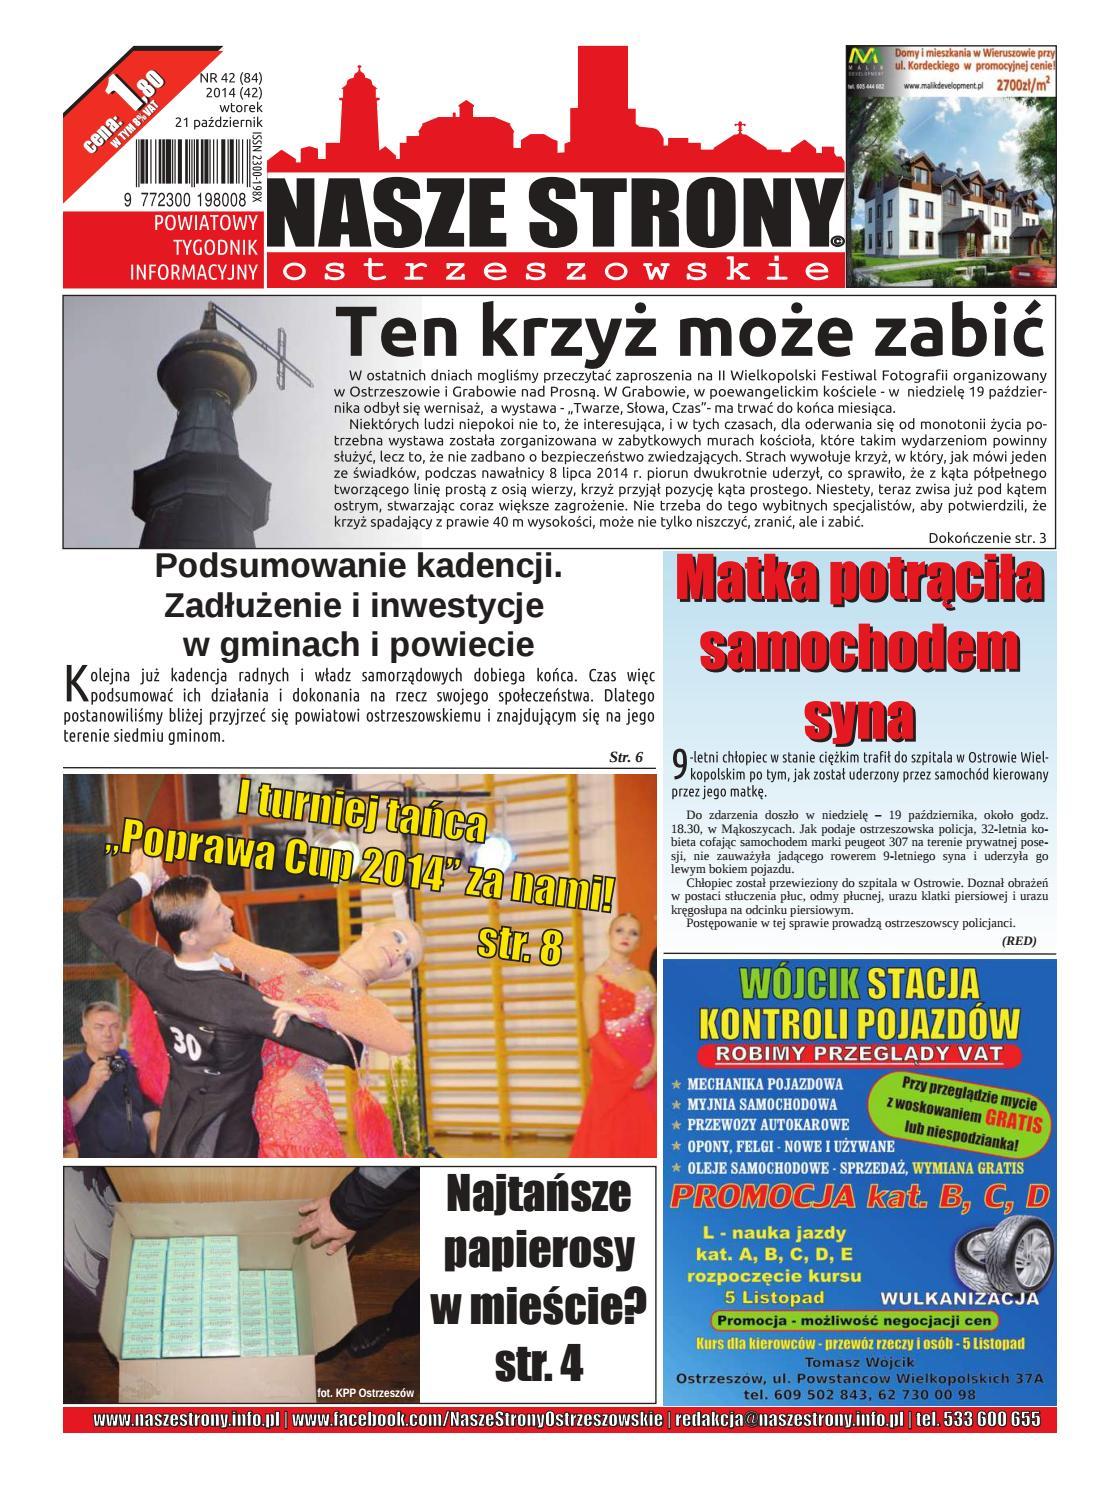 5ec088b7e75b1 Nasze Strony Ostrzeszowskie 42 2014 by Nasze Strony Ostrzeszowskie - issuu